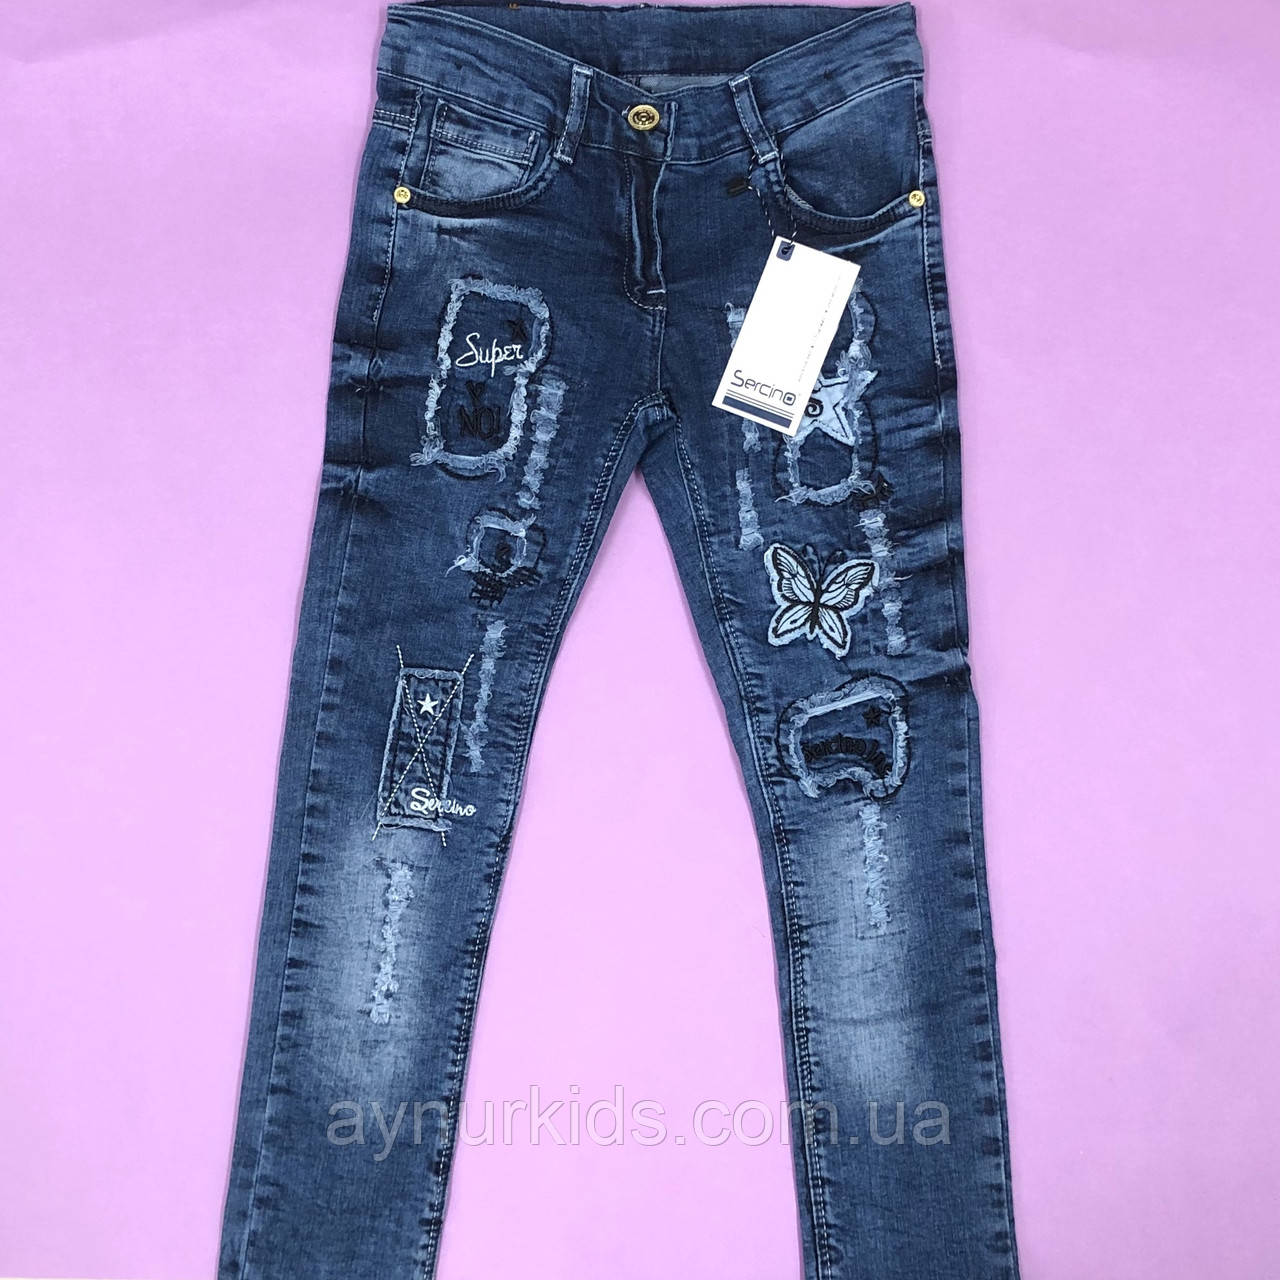 a887b7bac4c55 Стильные джинсы для девочки 9-11-12 лет , цена 265 грн., купить в ...